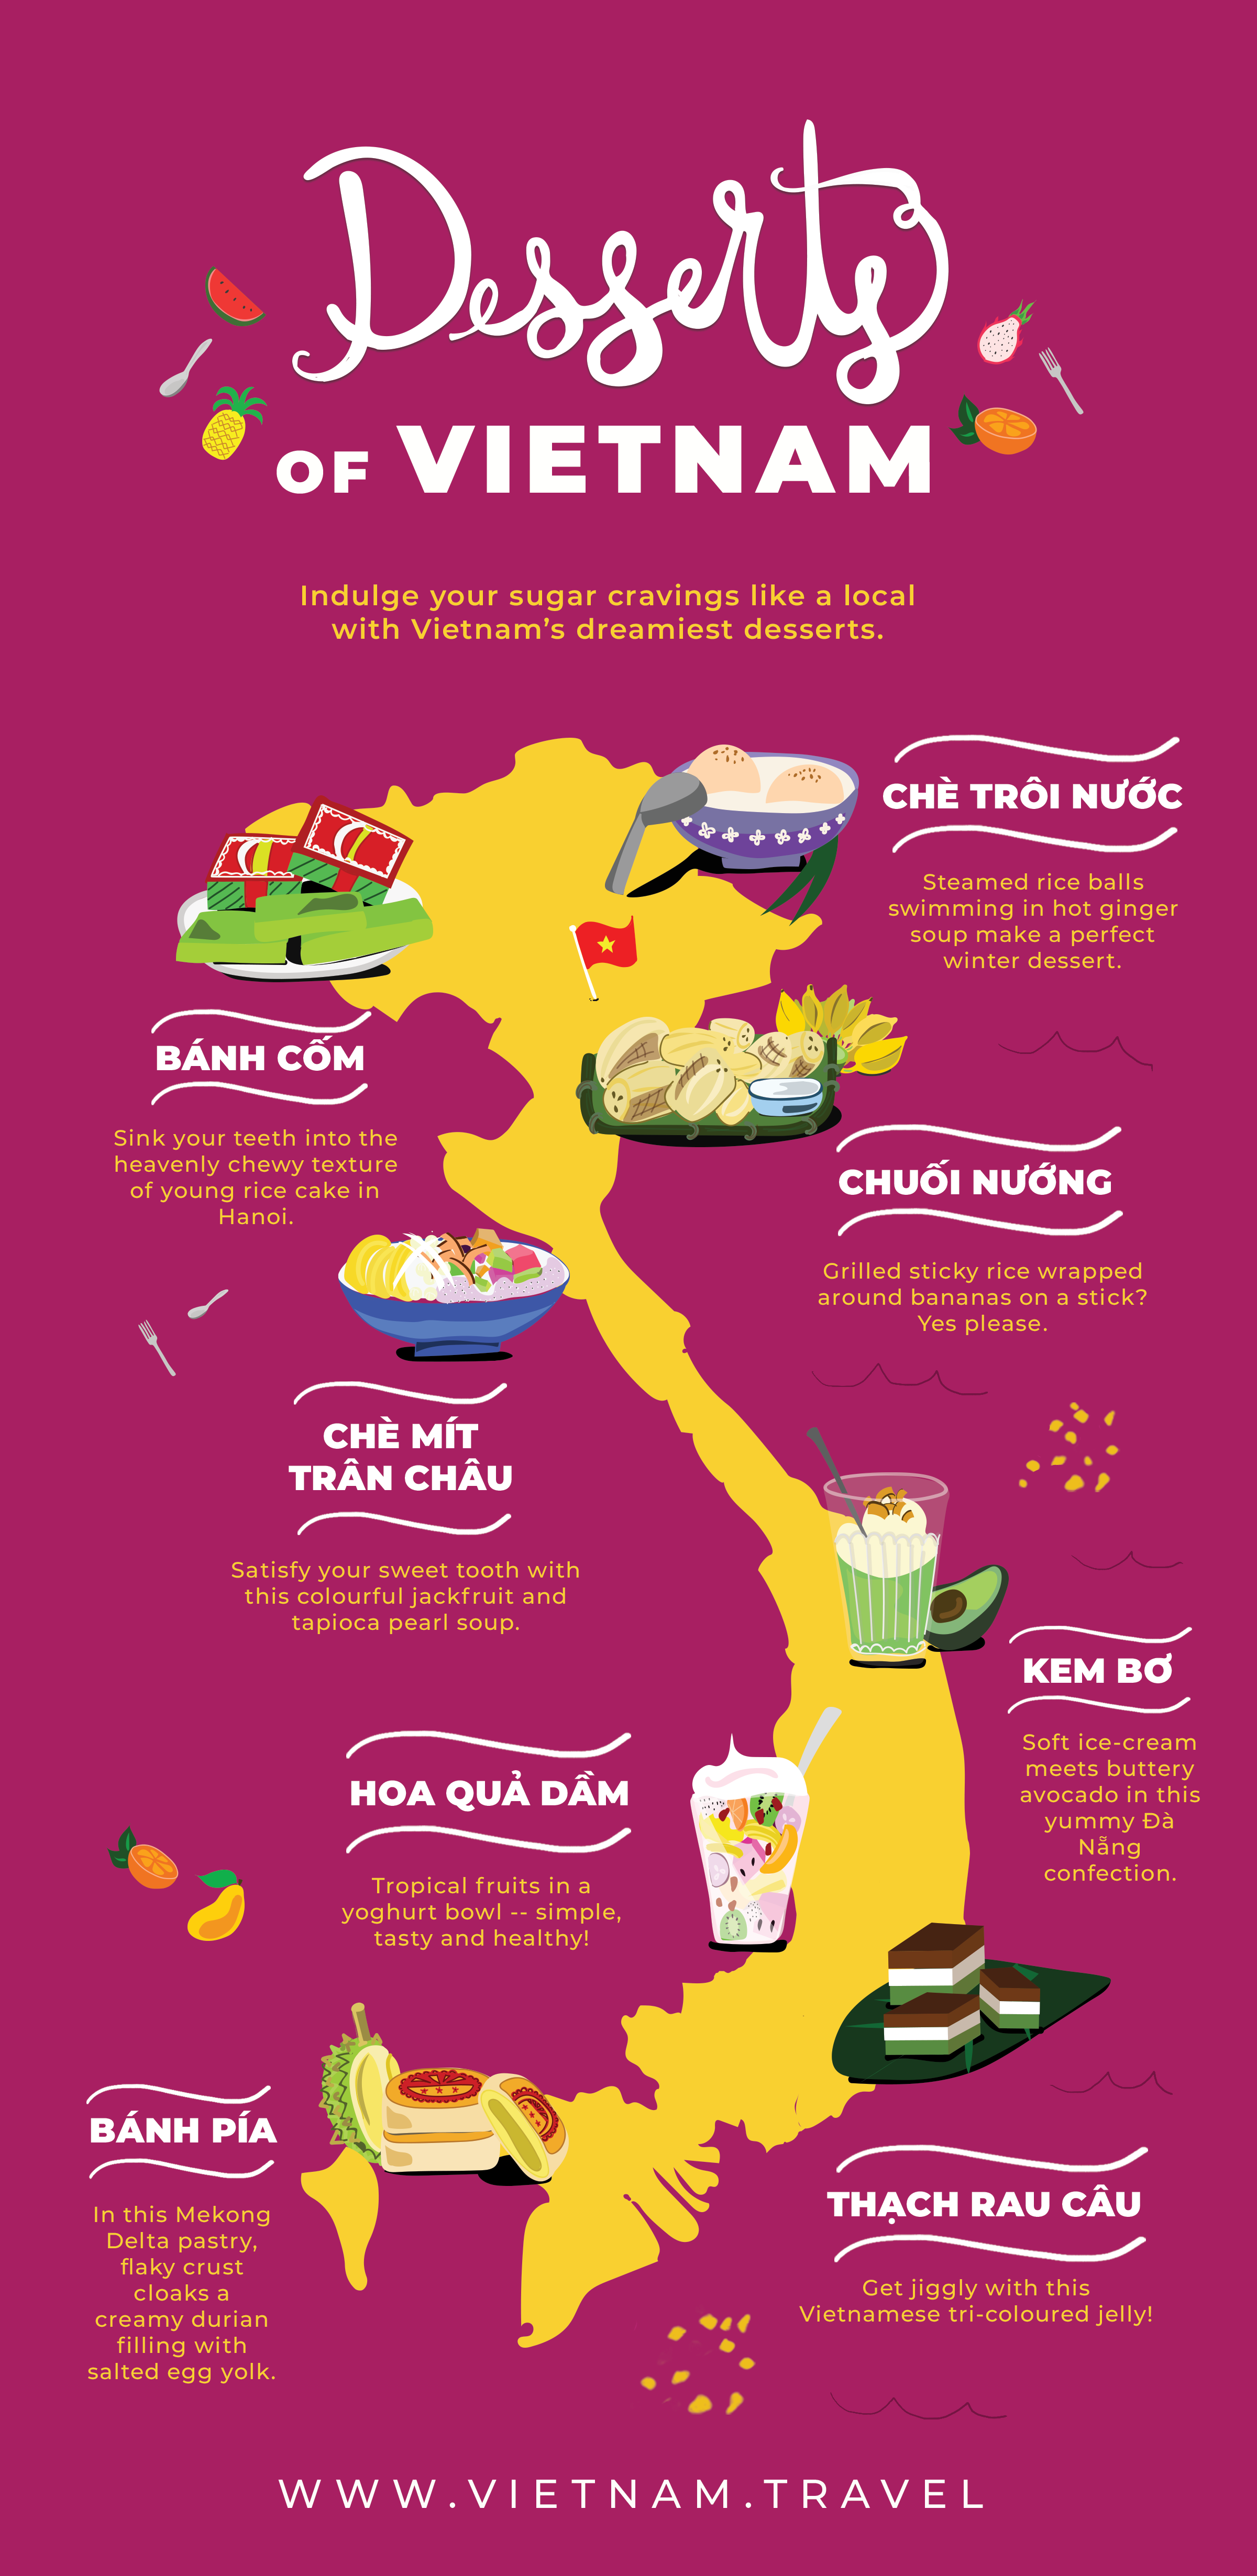 desserts of vietnam